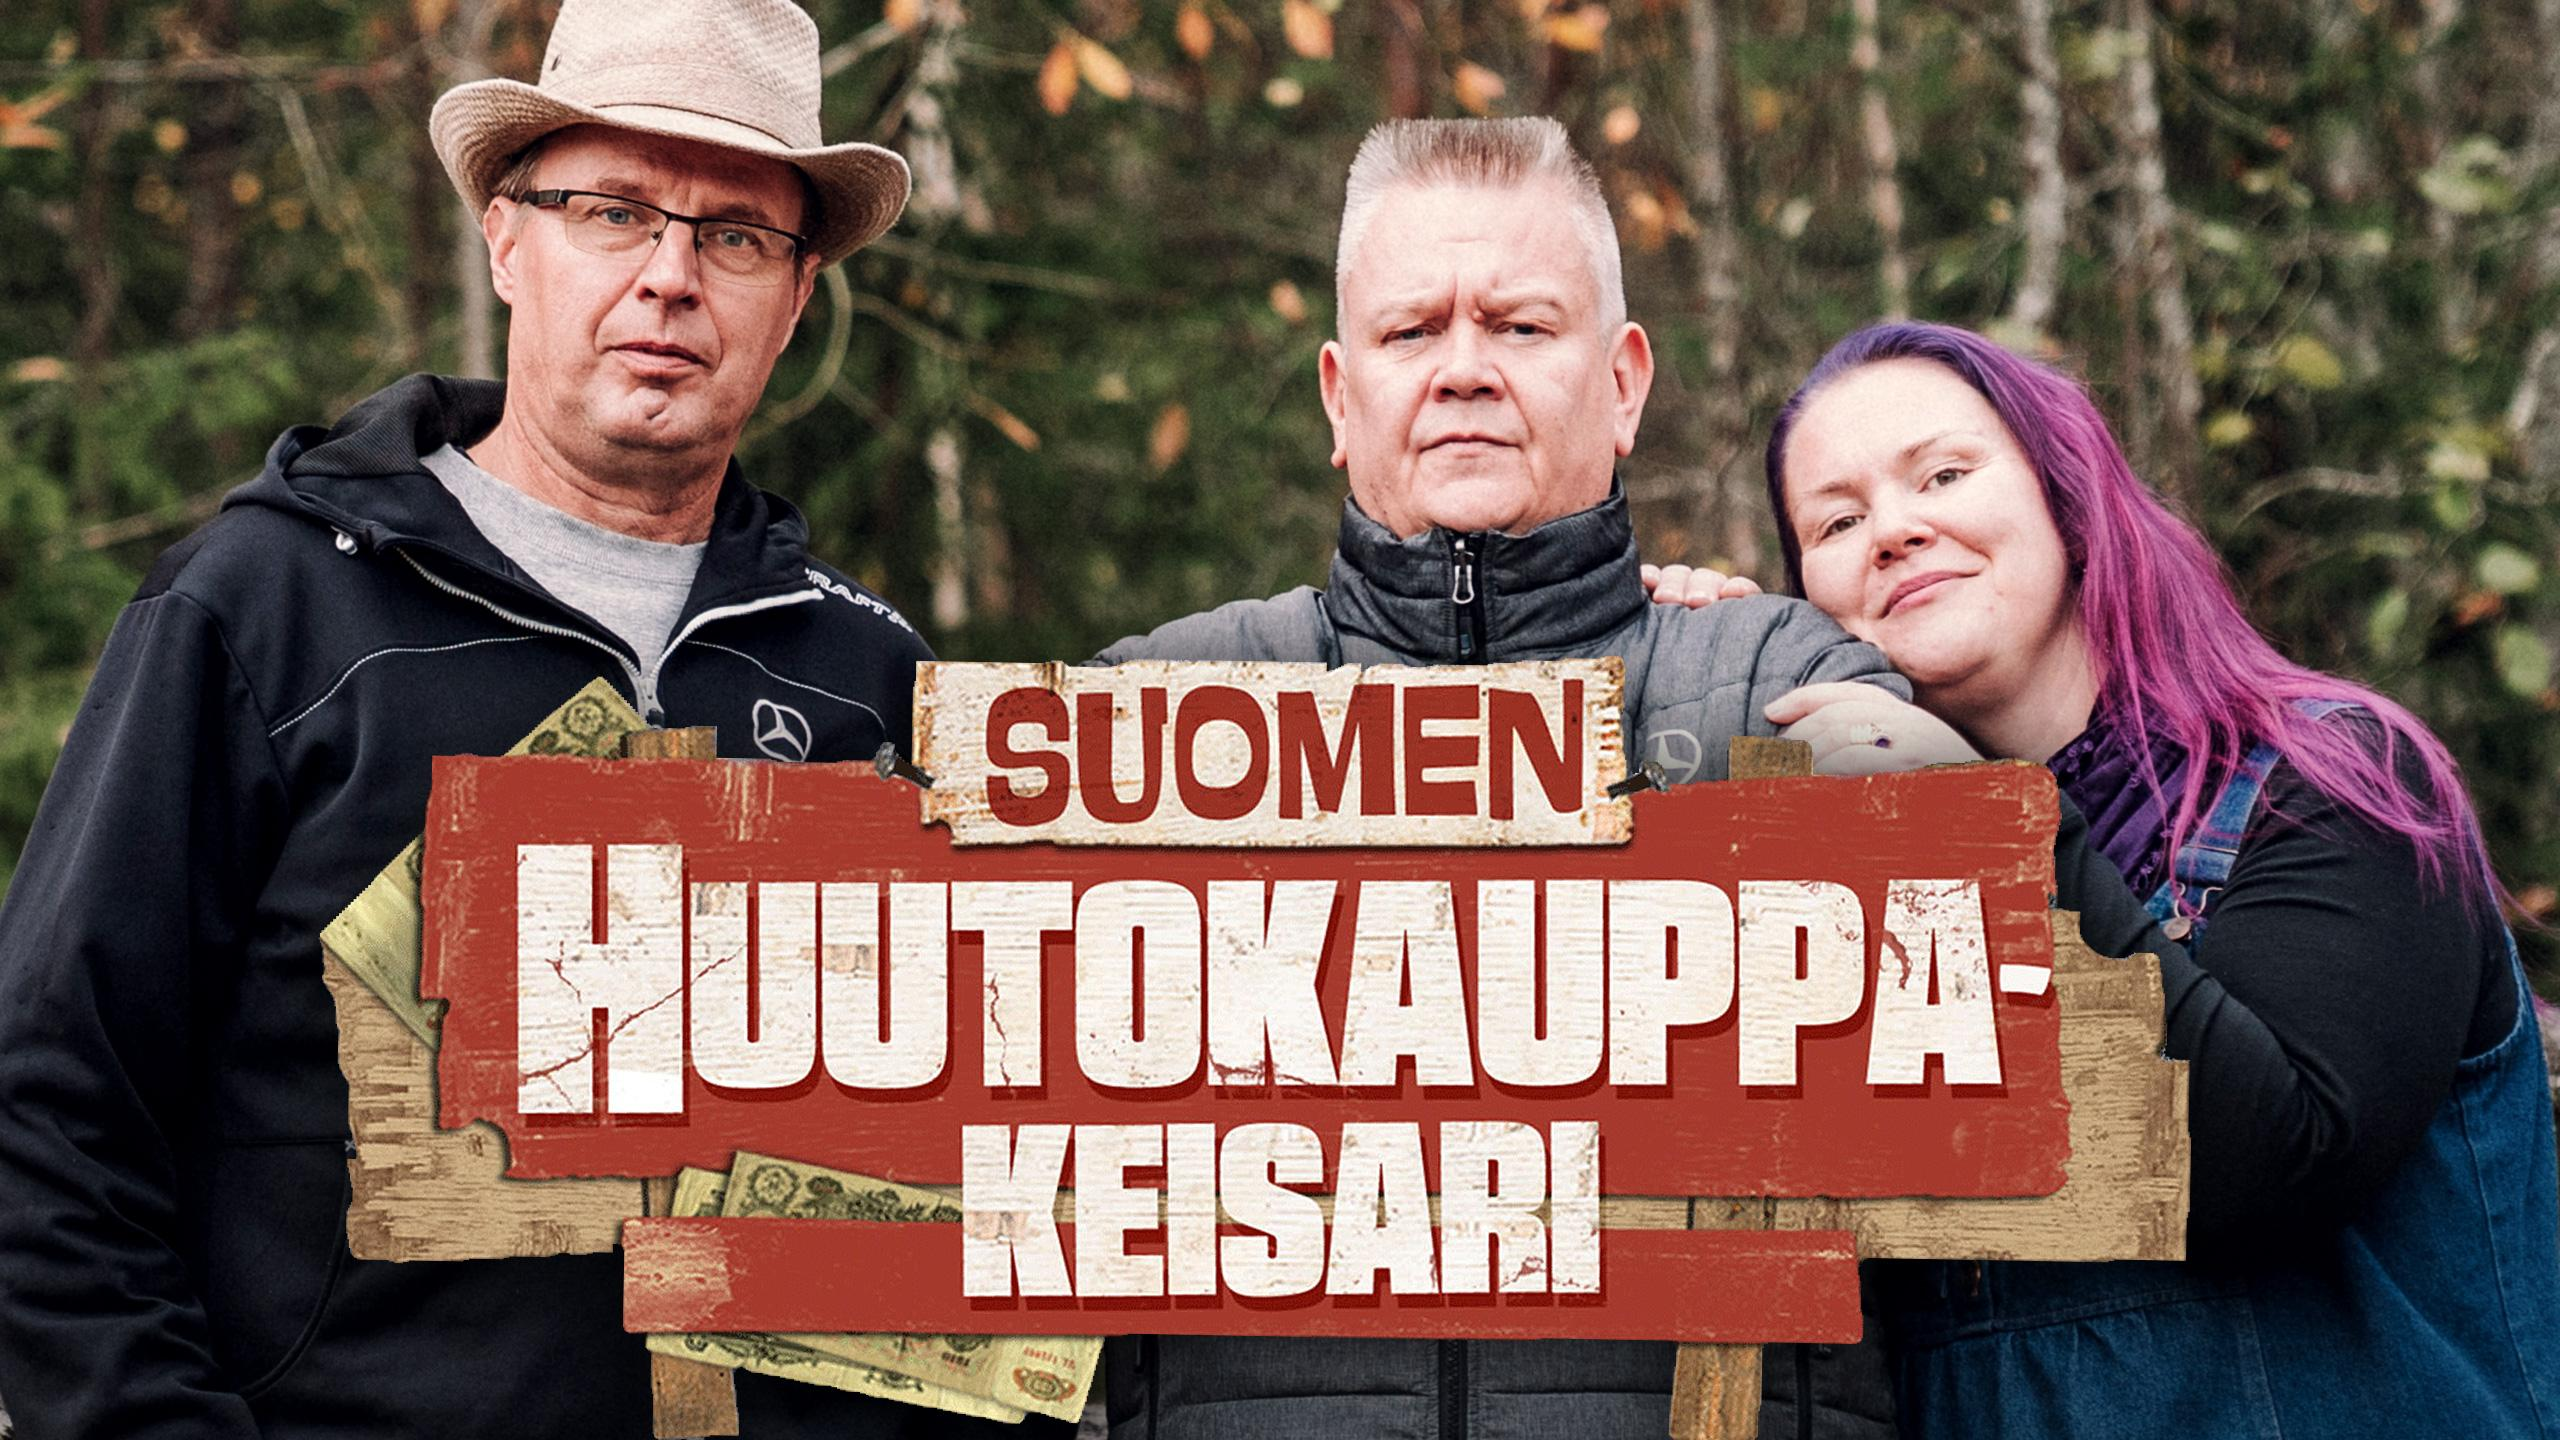 Suomen Huutokauppakeisari